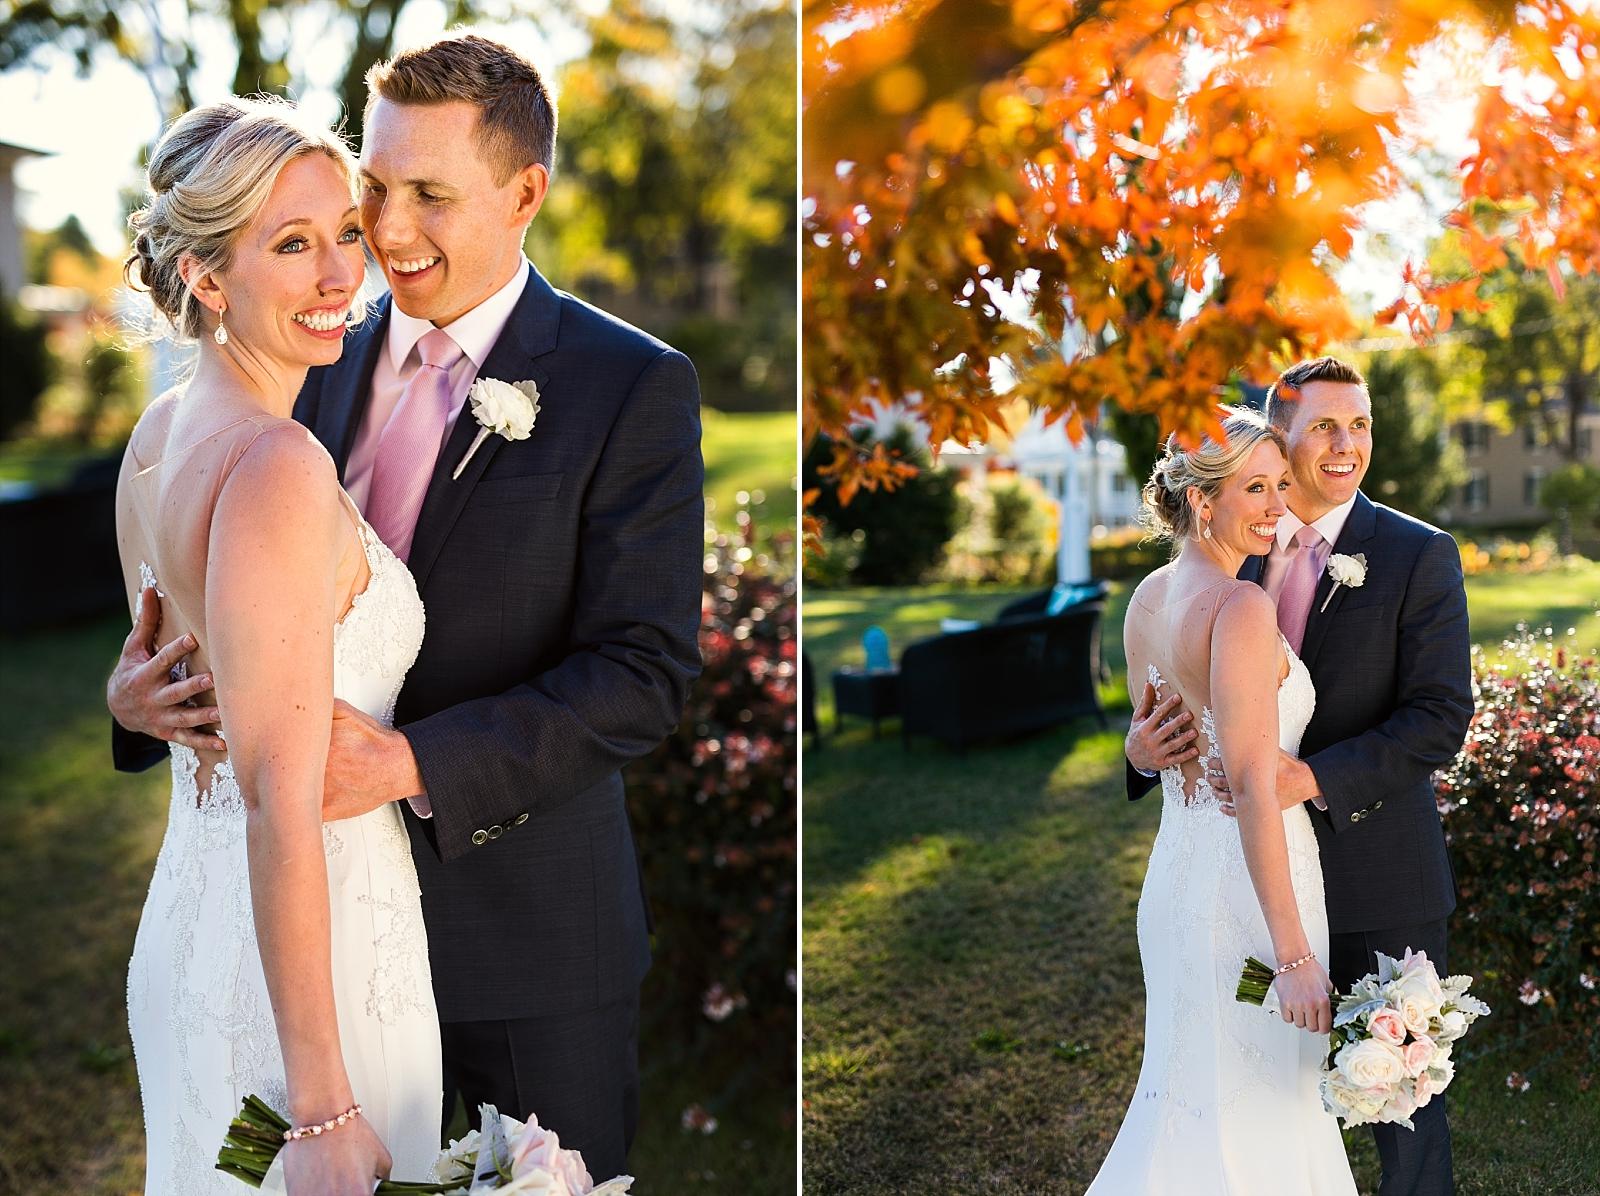 CT_Wedding_Photographer_BeLo_23.jpg